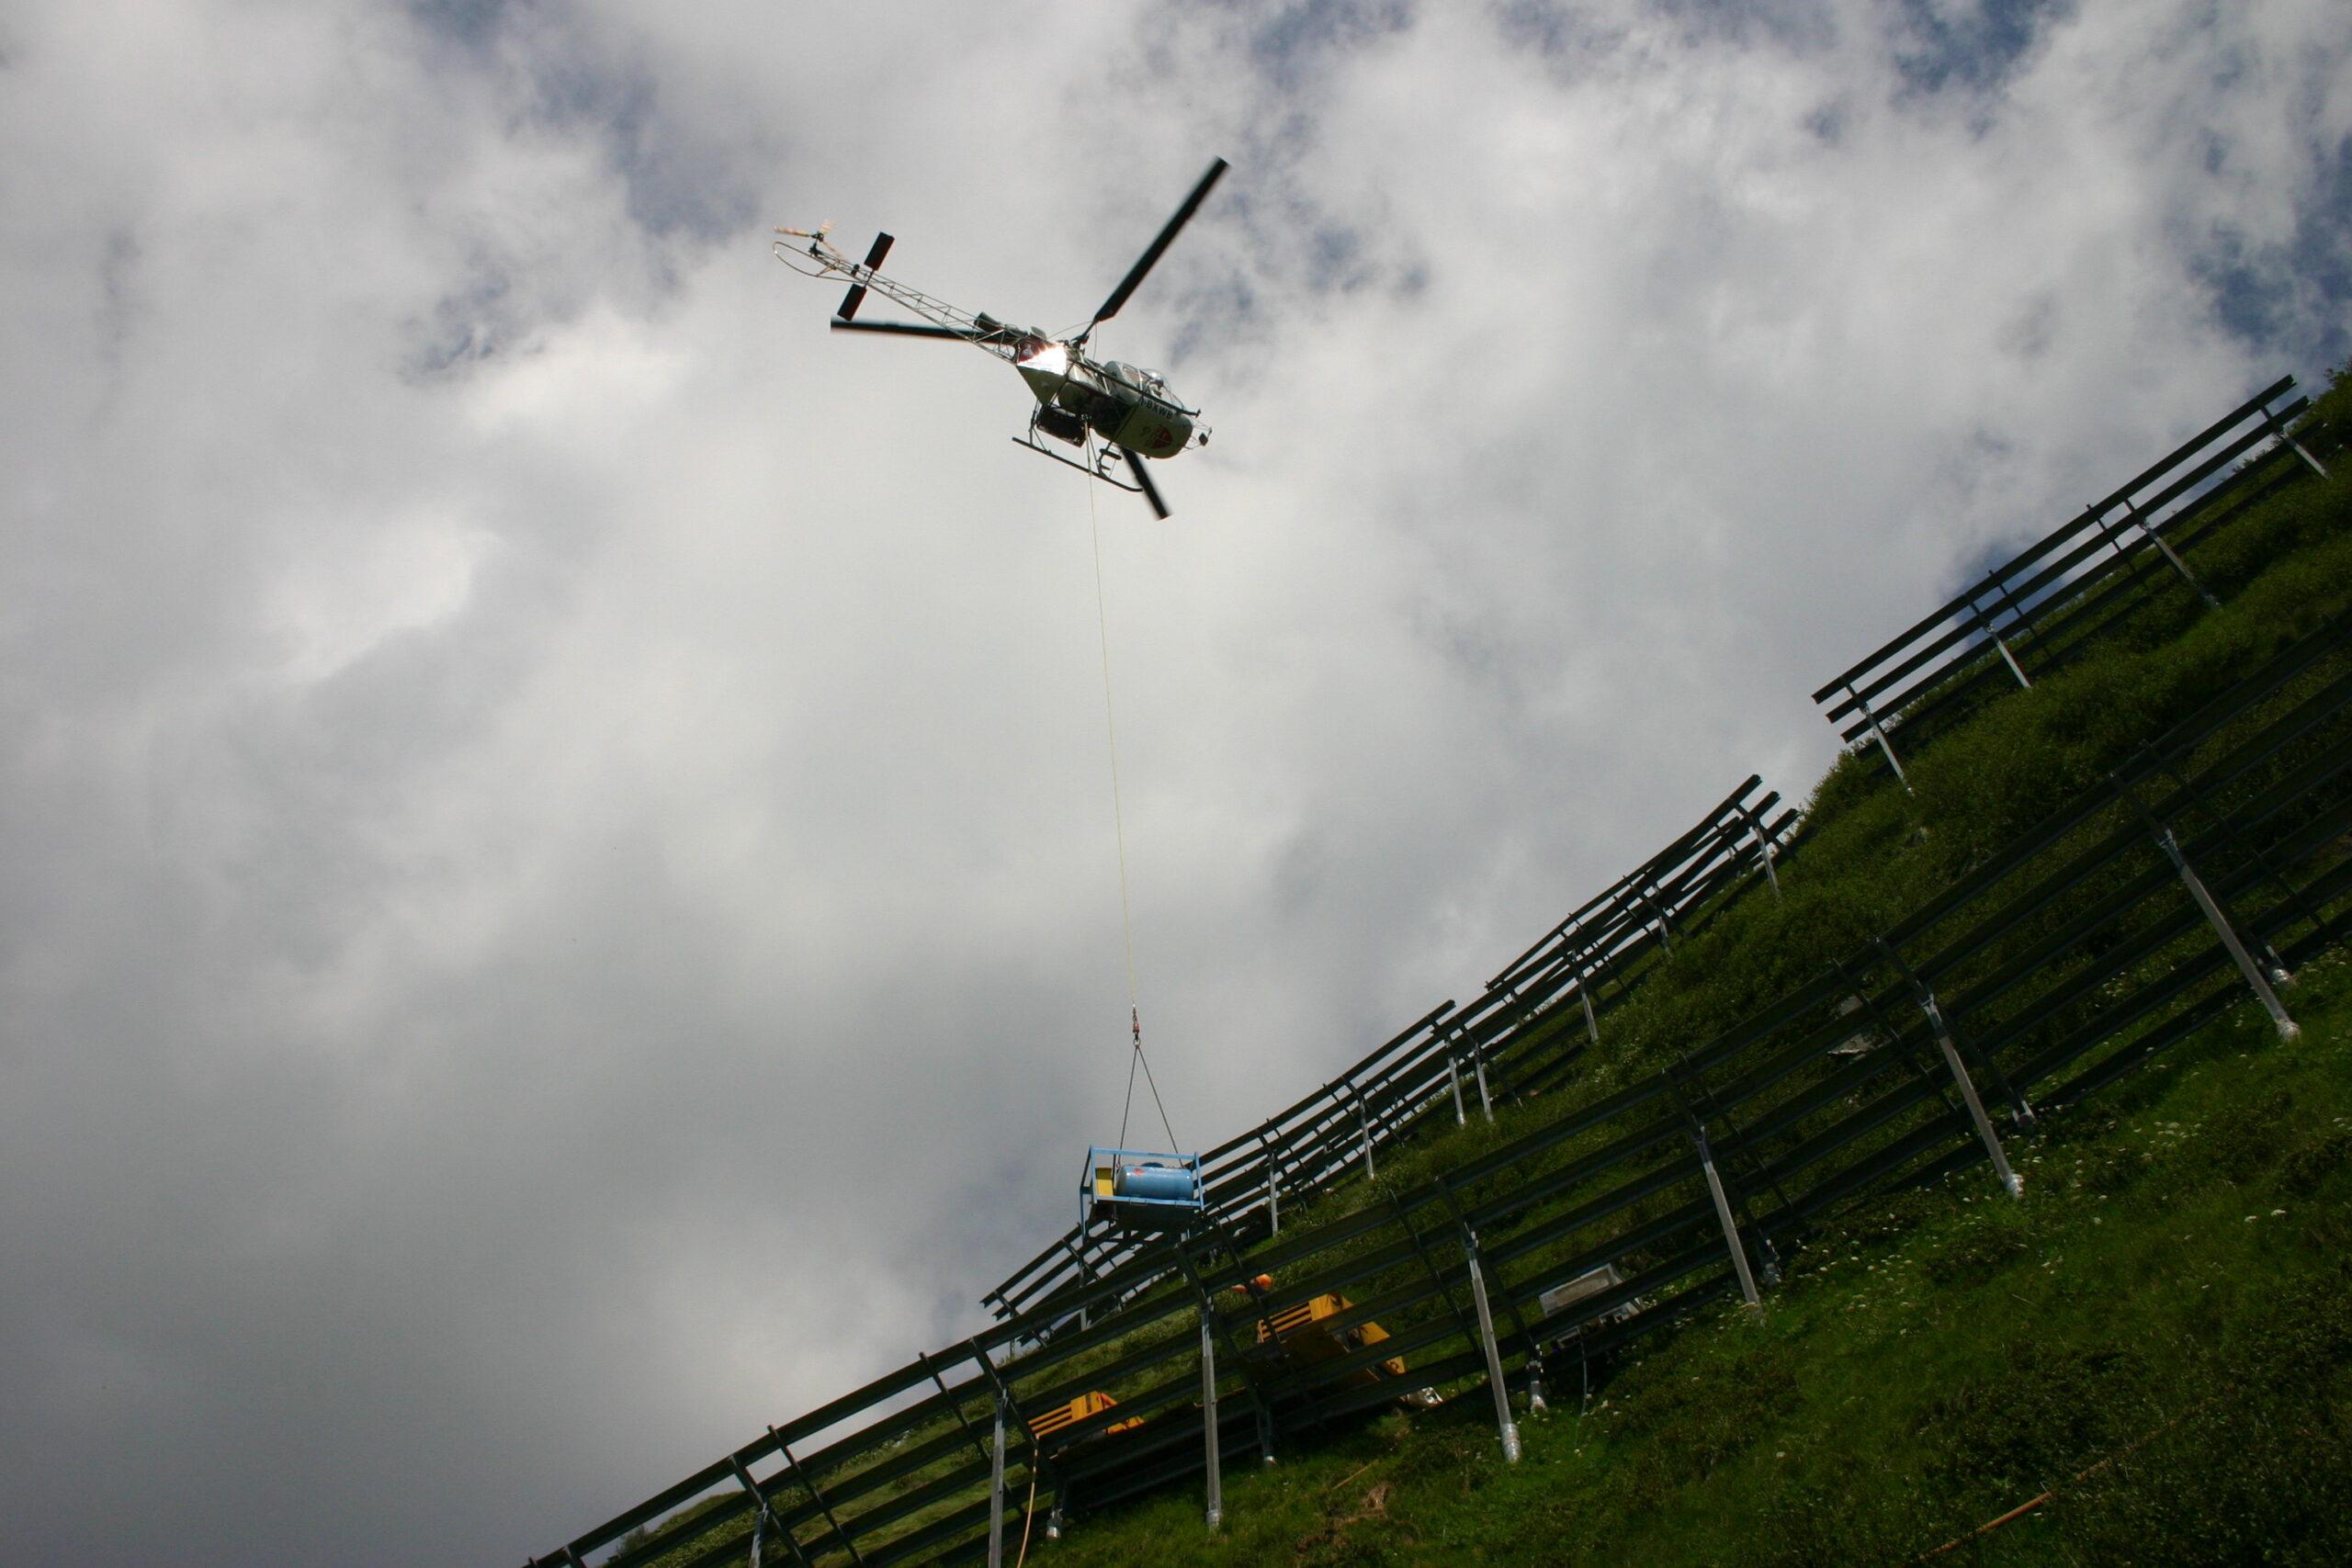 Posa in opera con elicottero